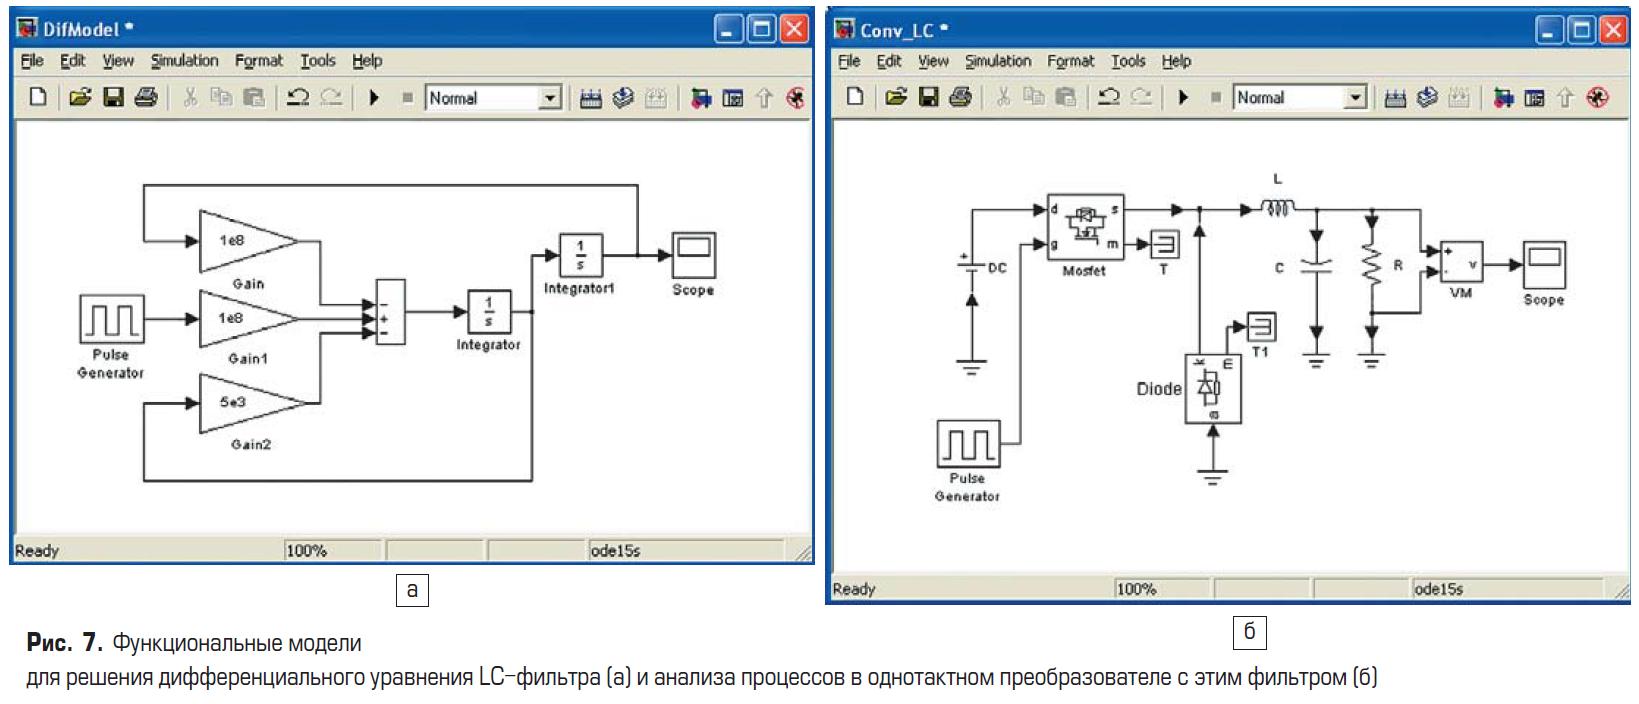 Рис. 7. Функциональные модели для решения дифференциального уравнения LC-фильтра (а) и анализа процессов в однотактном преобразователе с этим фильтром (б)